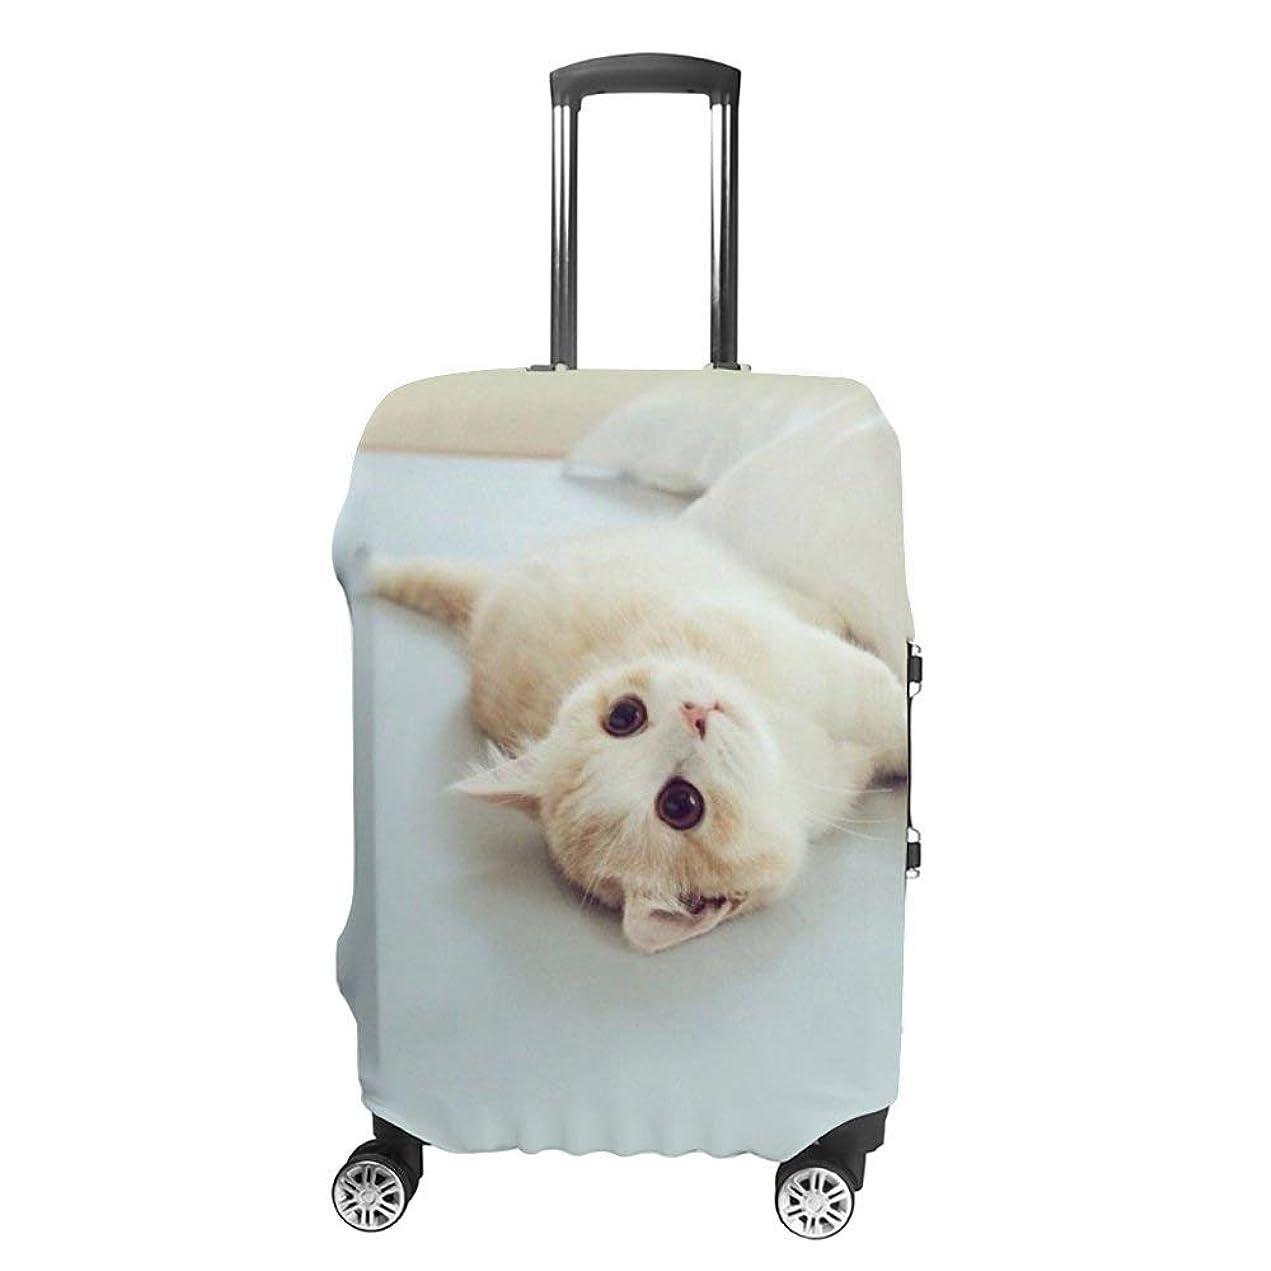 虫ドラゴン勇気のあるスーツケース カバー かわいい猫 ねこ 伸縮素材 カバー キズから保護 洗える おしゃれ かわいい 人気 旅行 海外 便利 防塵カバー 汚れ 傷防止 防水 盗難 旅行 出張 荷物カバー キッズ 大人 スーツケース保護カバー 便利 おしゃれ S M L XL